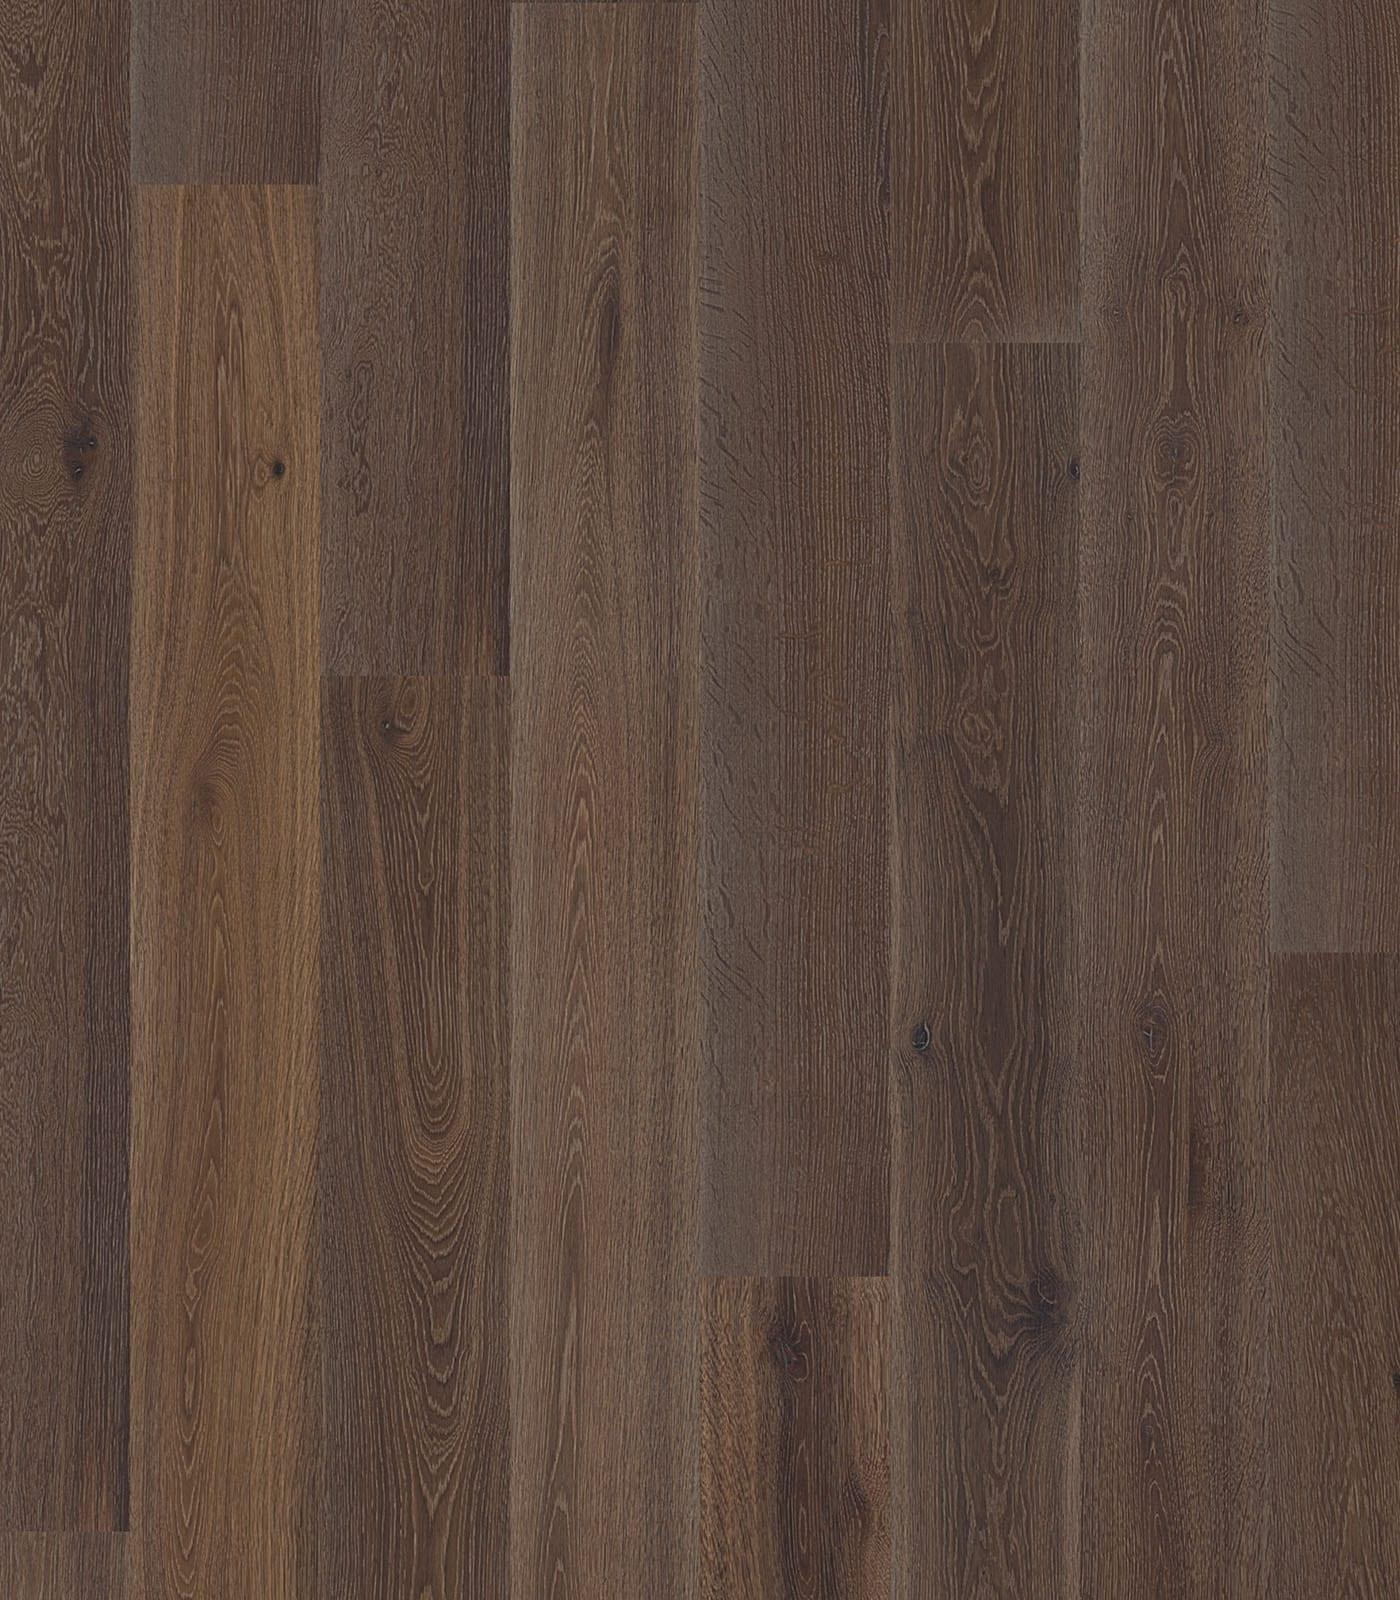 Carpathians-European Oak Floors-Antique Collection-flat